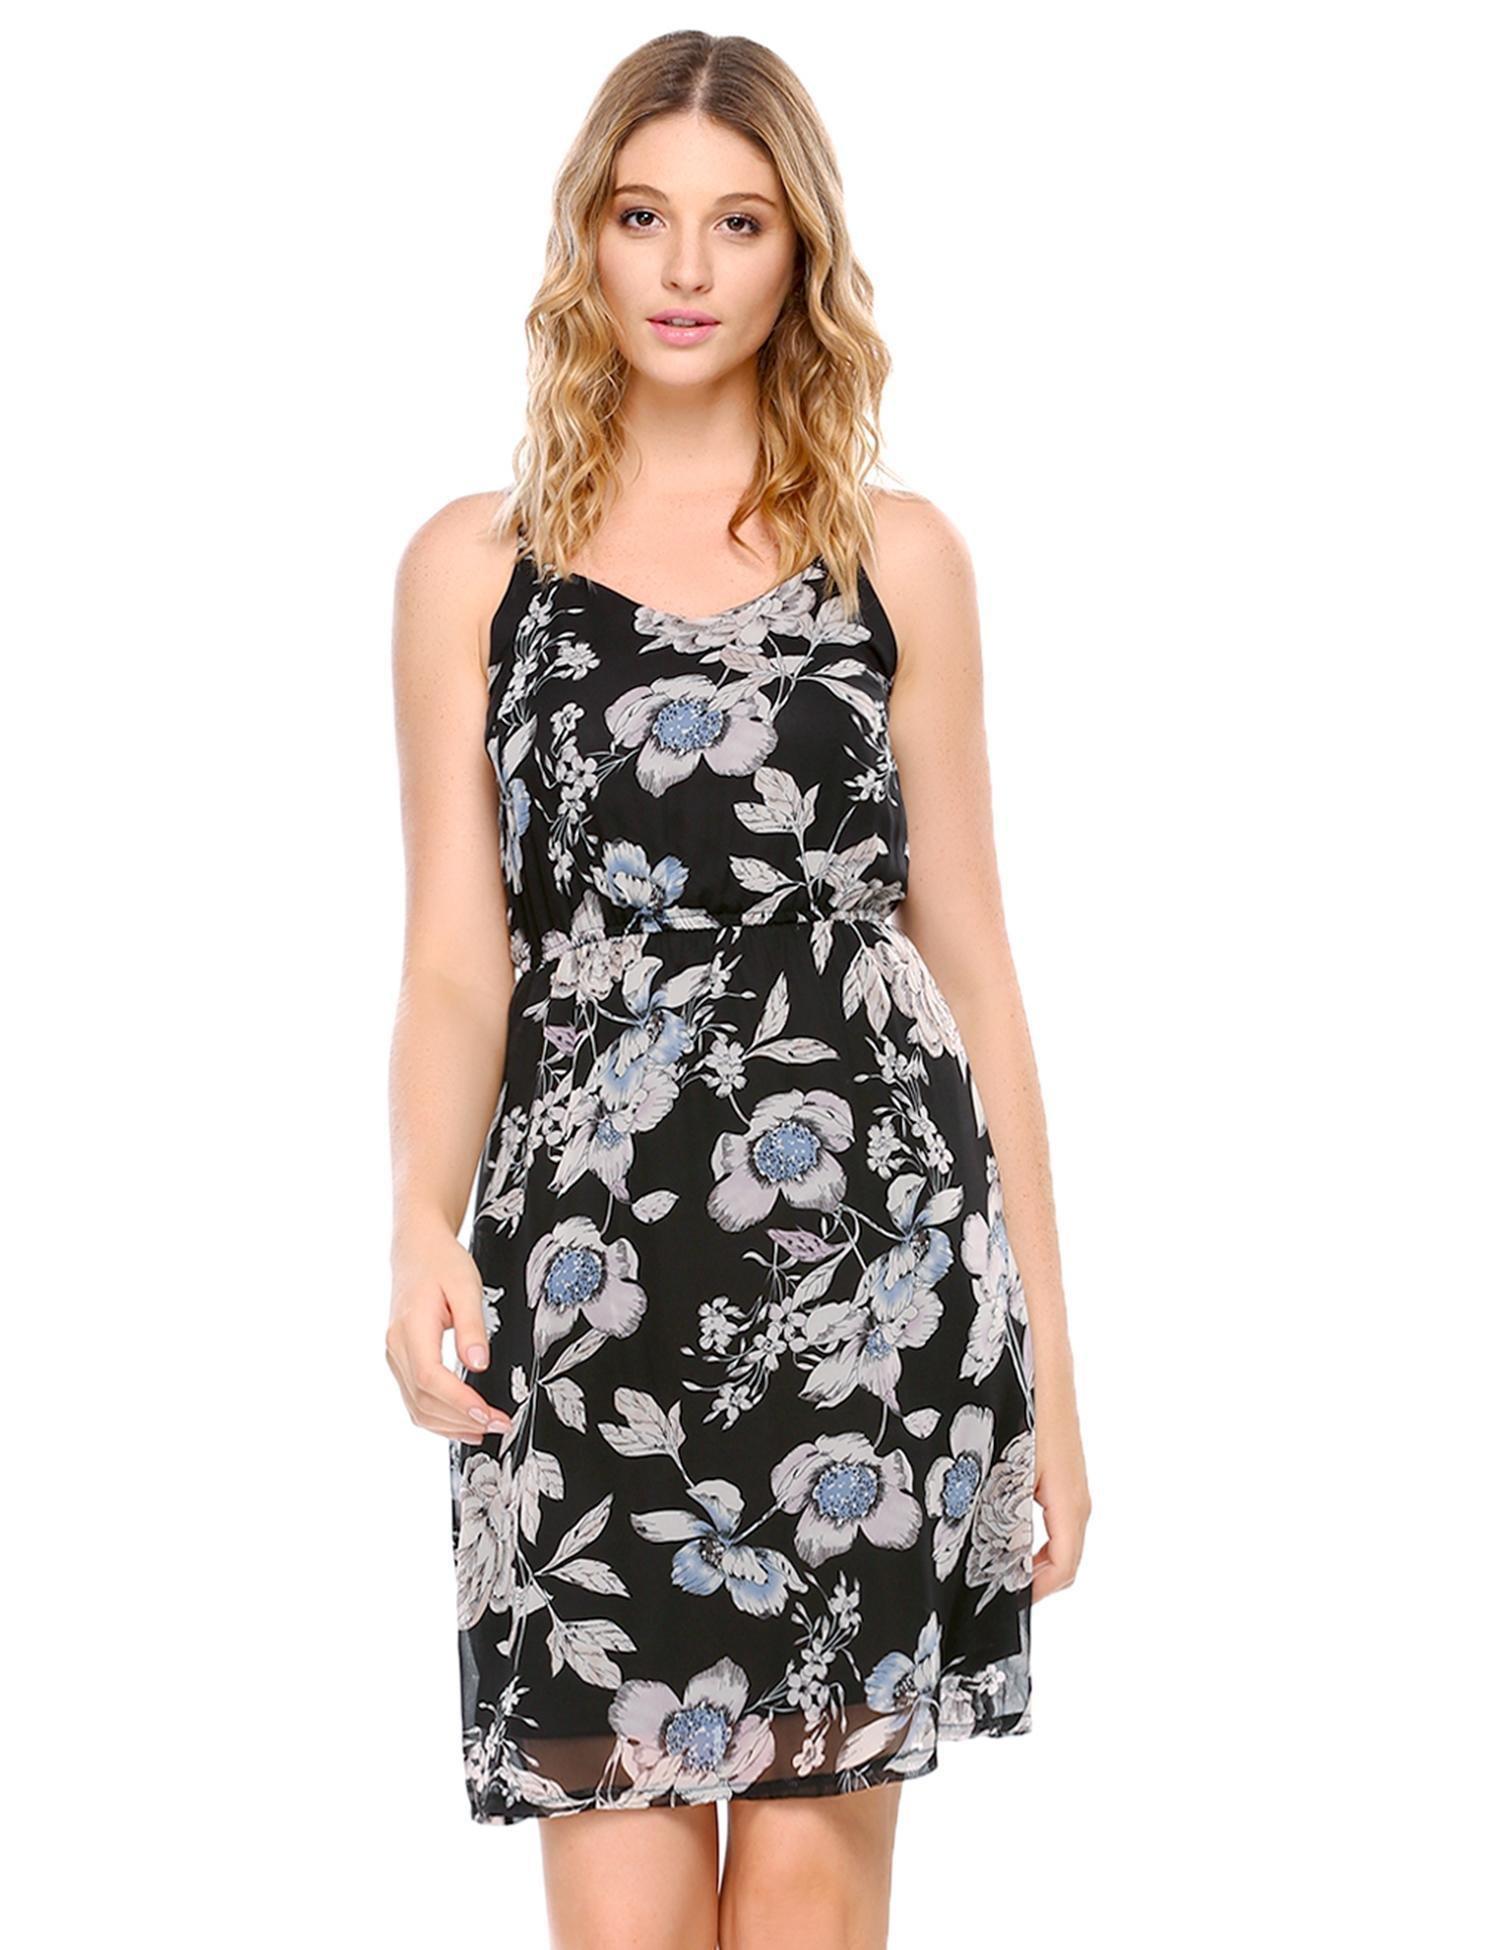 Blumen Kleider: Amazon.de